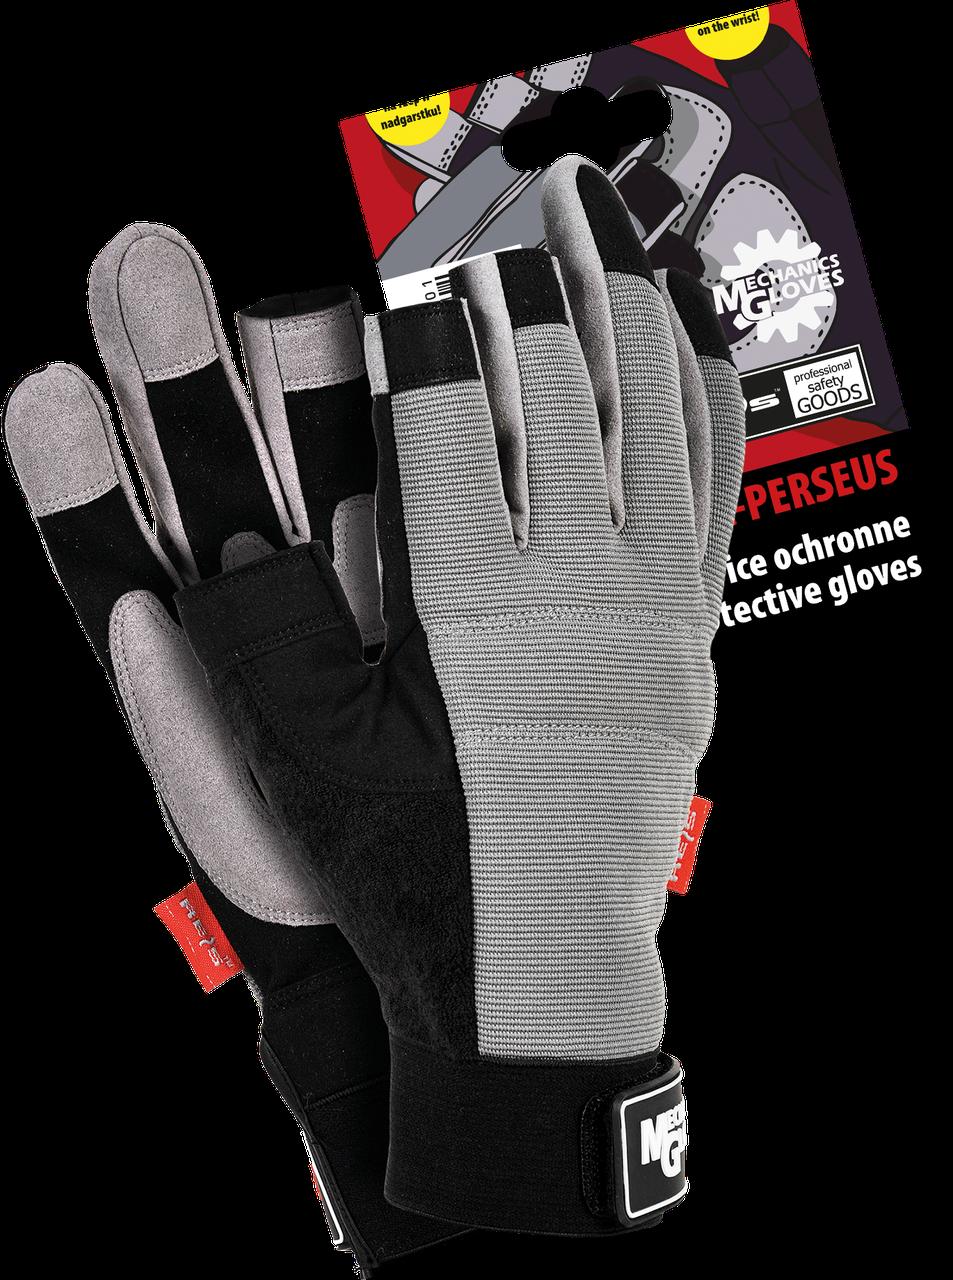 Мотоперчатки RMC-PERSEUS SB Reis Польша(перчатки)